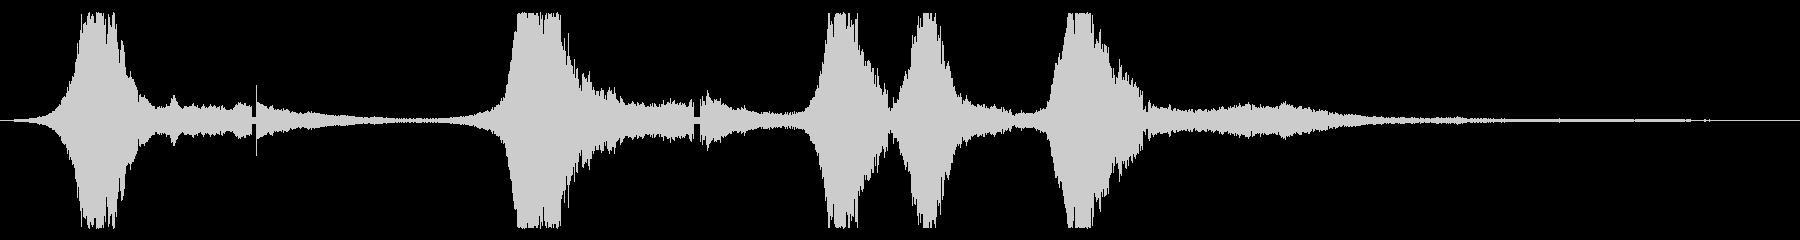 軽量在庫:さまざまな間隔で近接した...の未再生の波形